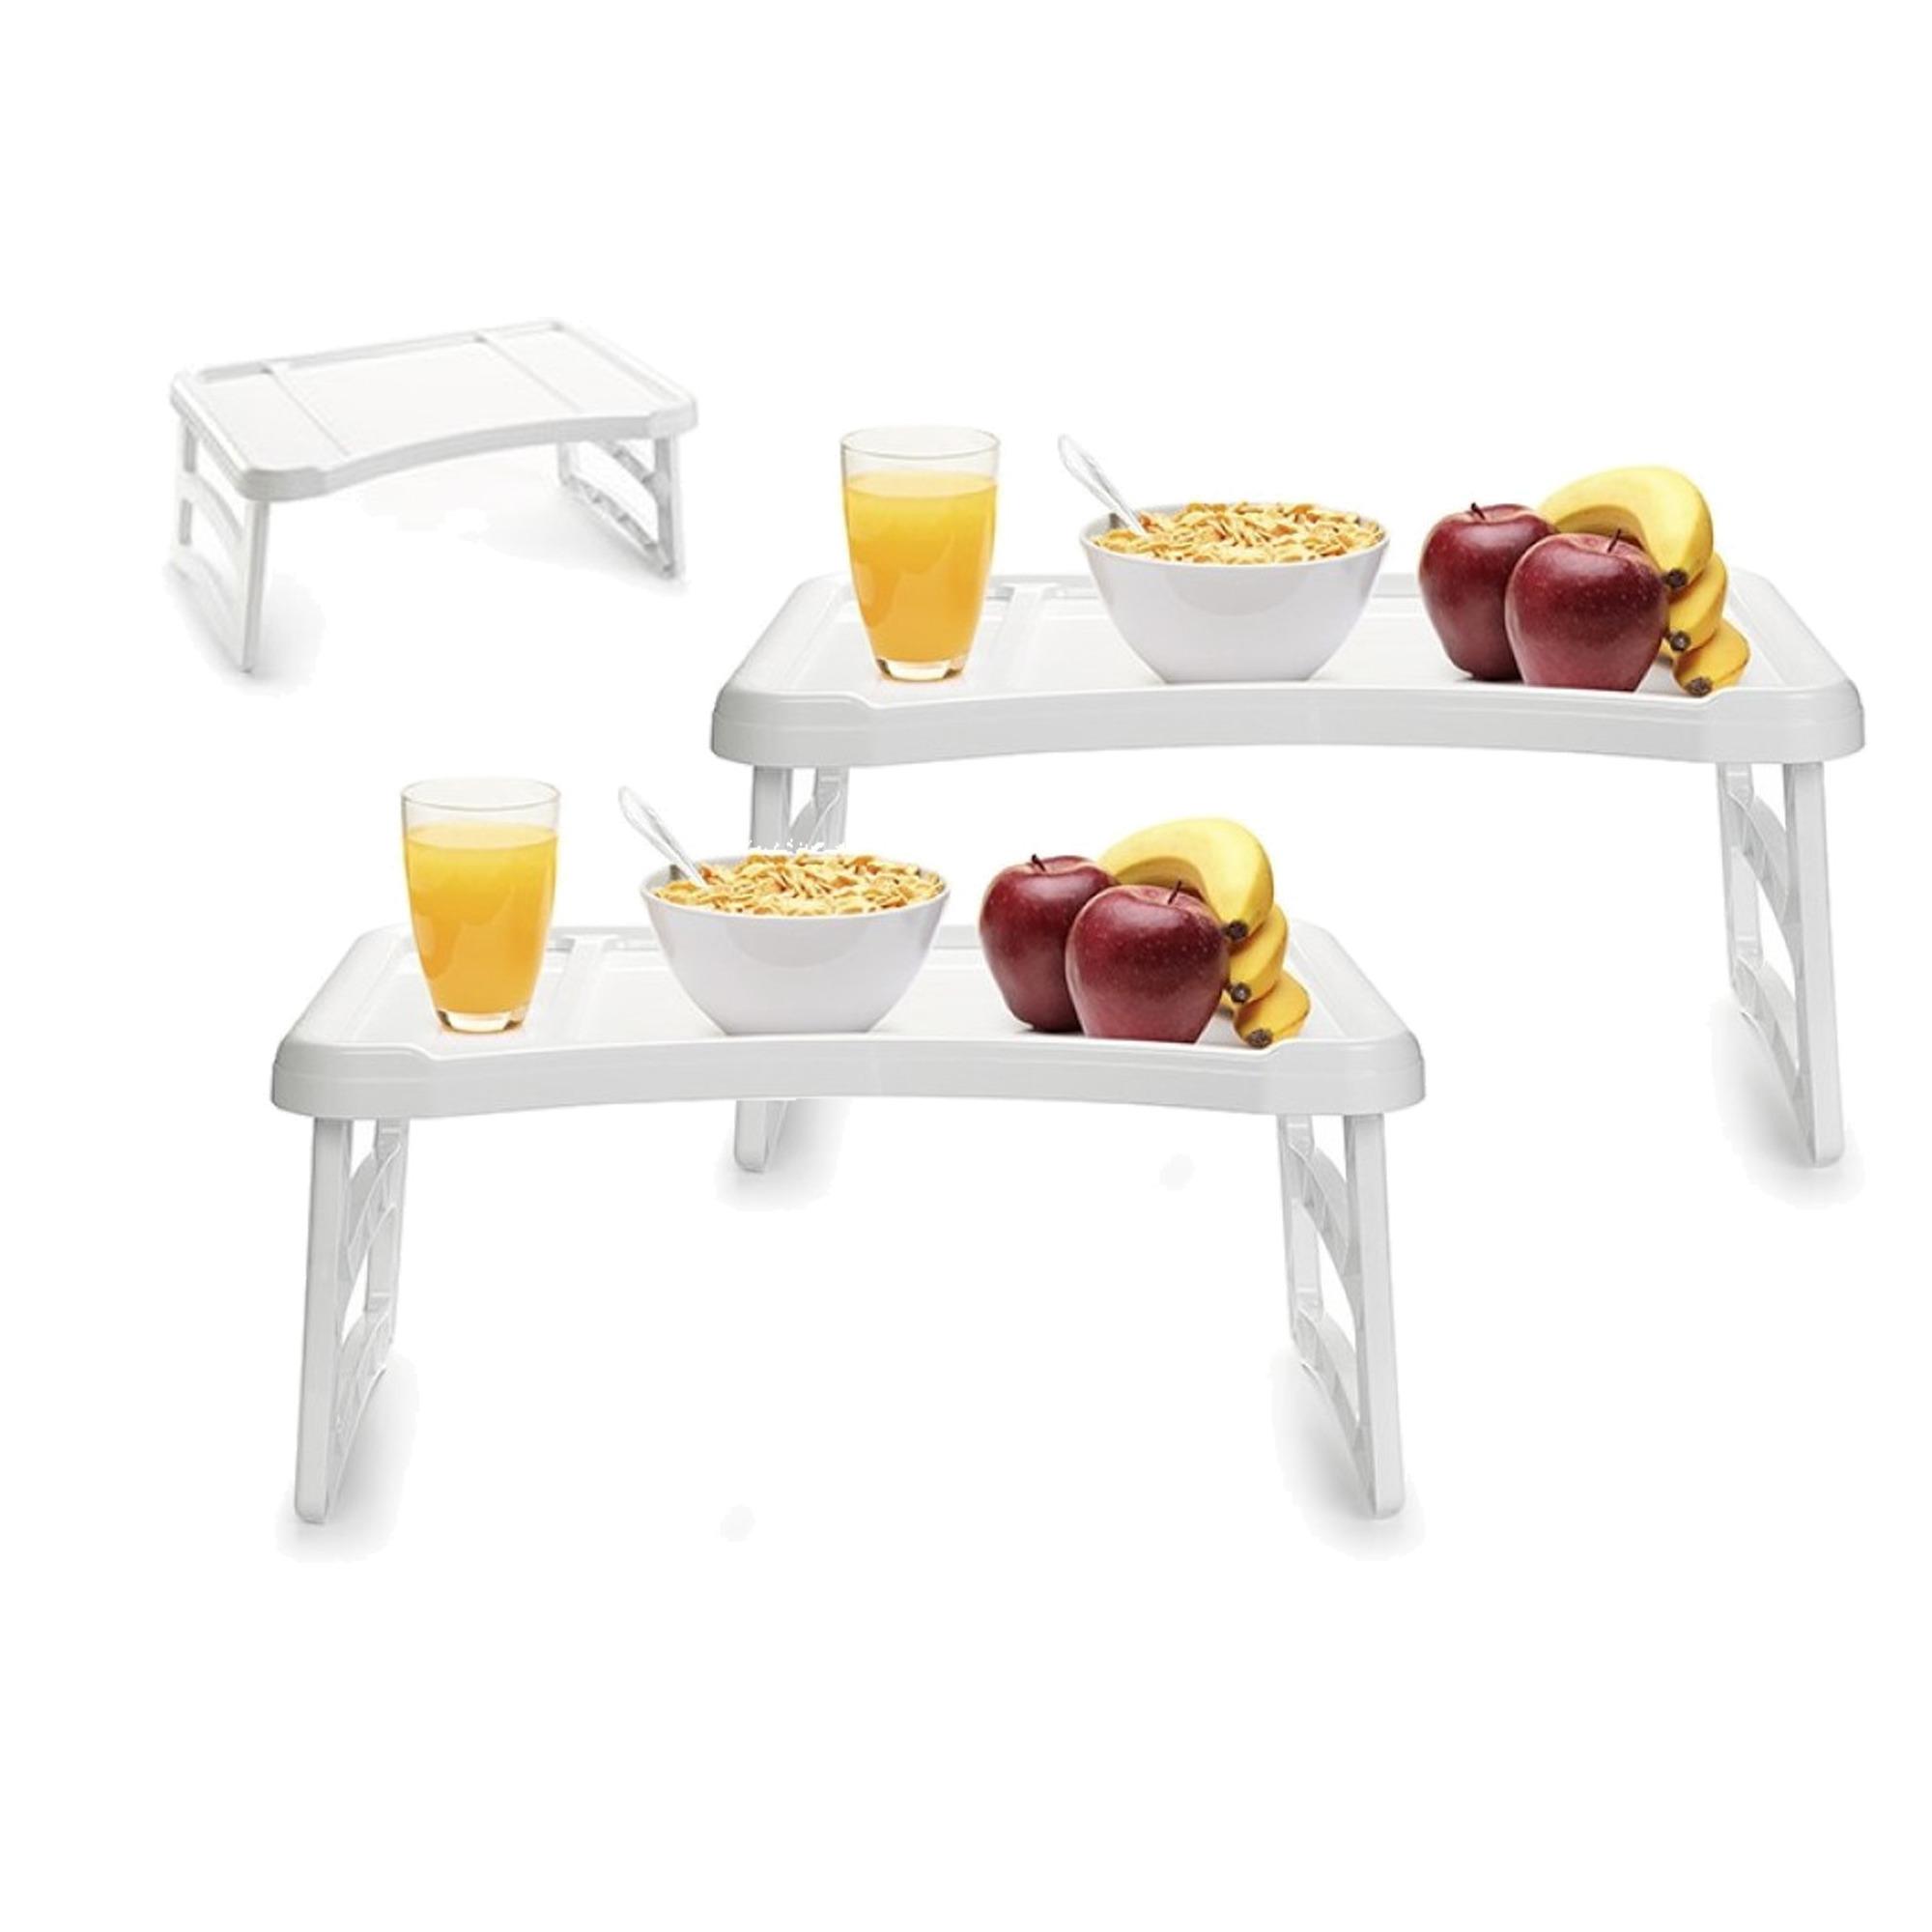 2x stuks ontbijt op bed dienblad tafeltjes 51 x 33 cm